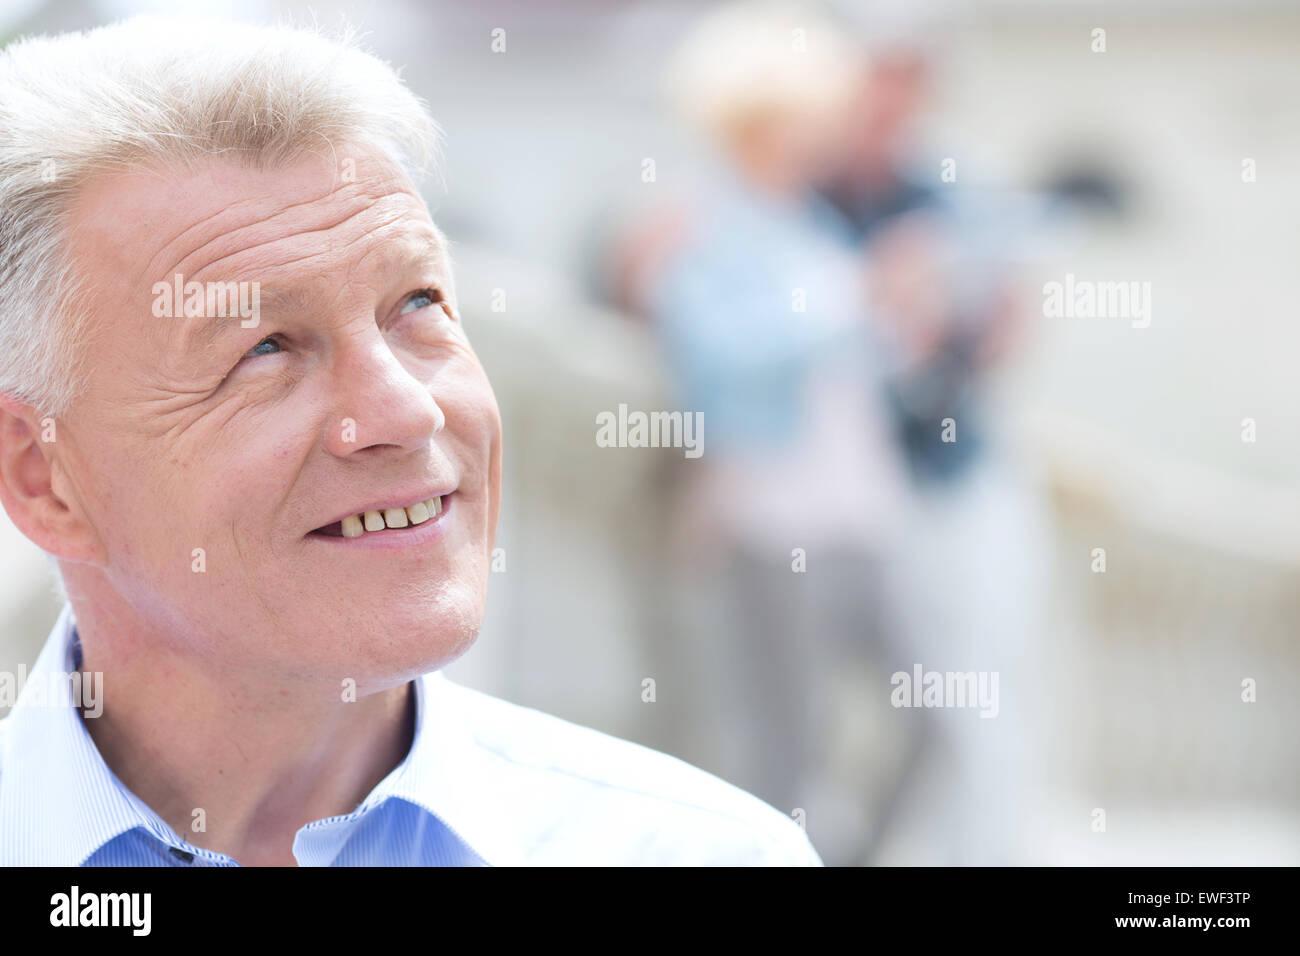 Close-up di uomo sorridente che guarda lontano all'aperto Immagini Stock